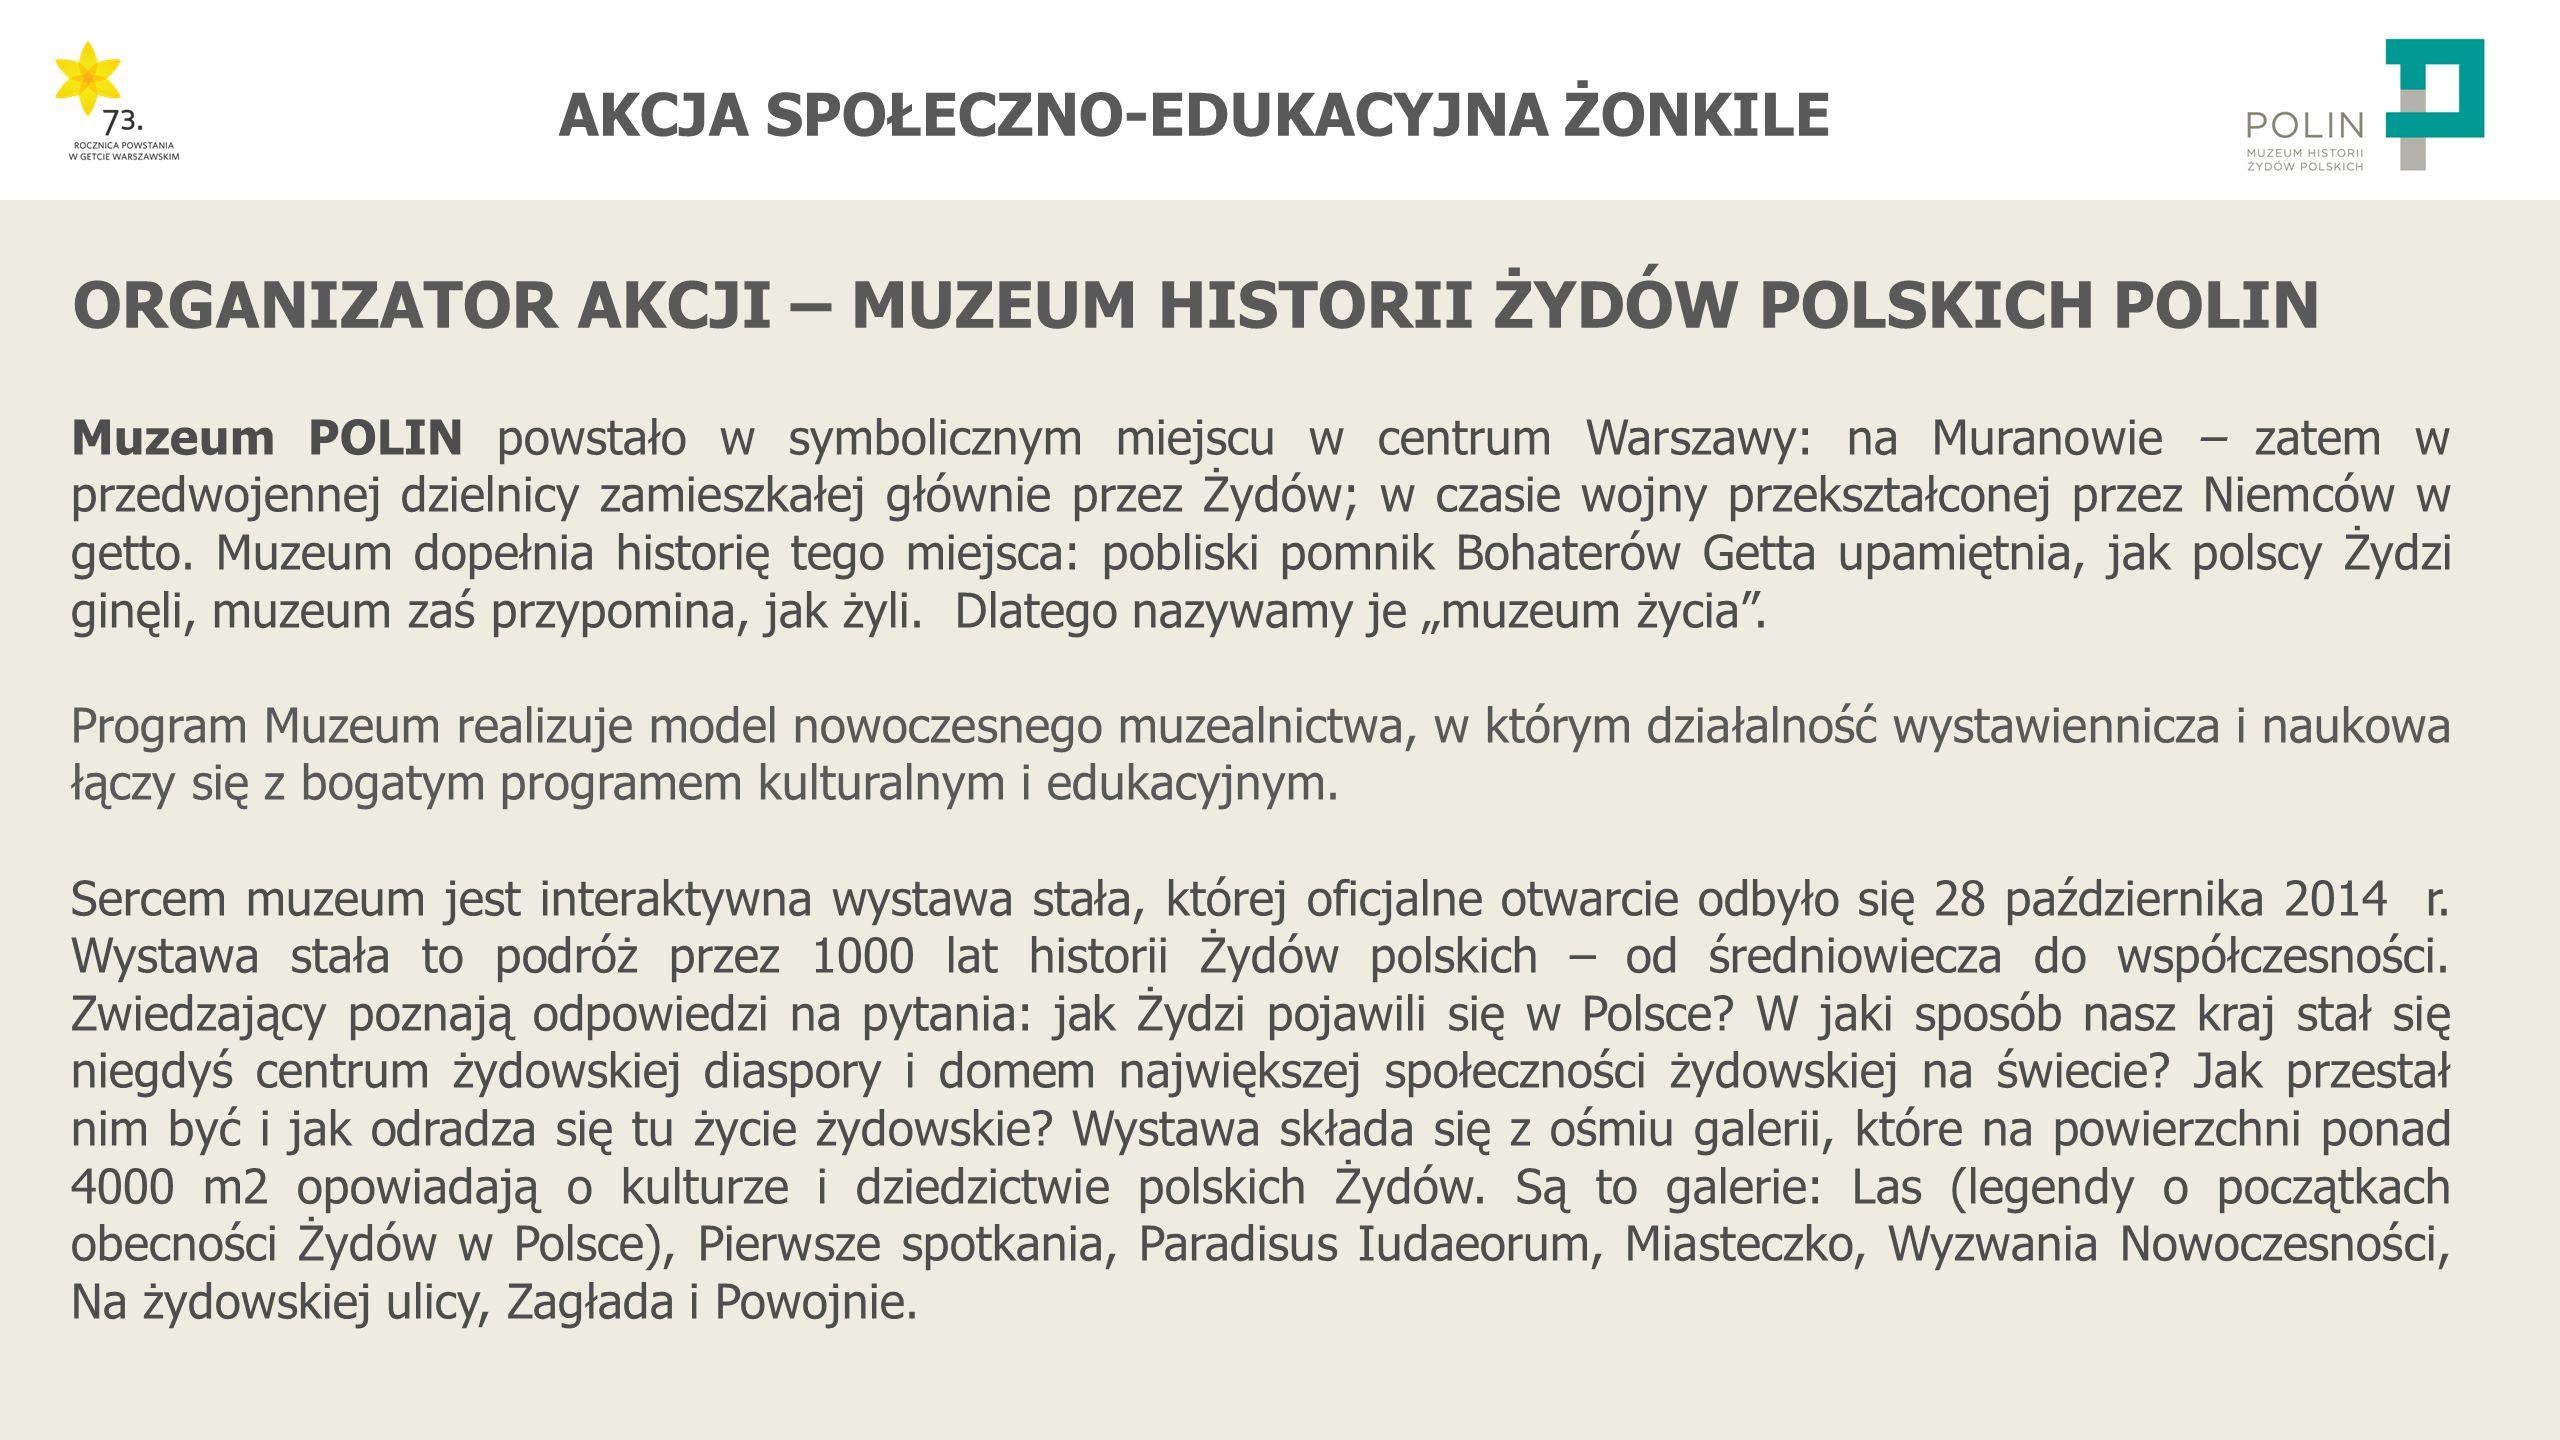 AKCJA SPOŁECZNO-EDUKACYJNA ŻONKILE ORGANIZATOR AKCJI – MUZEUM HISTORII ŻYDÓW POLSKICH POLIN Muzeum POLIN powstało w symbolicznym miejscu w centrum Warszawy: na Muranowie – zatem w przedwojennej dzielnicy zamieszkałej głównie przez Żydów; w czasie wojny przekształconej przez Niemców w getto.